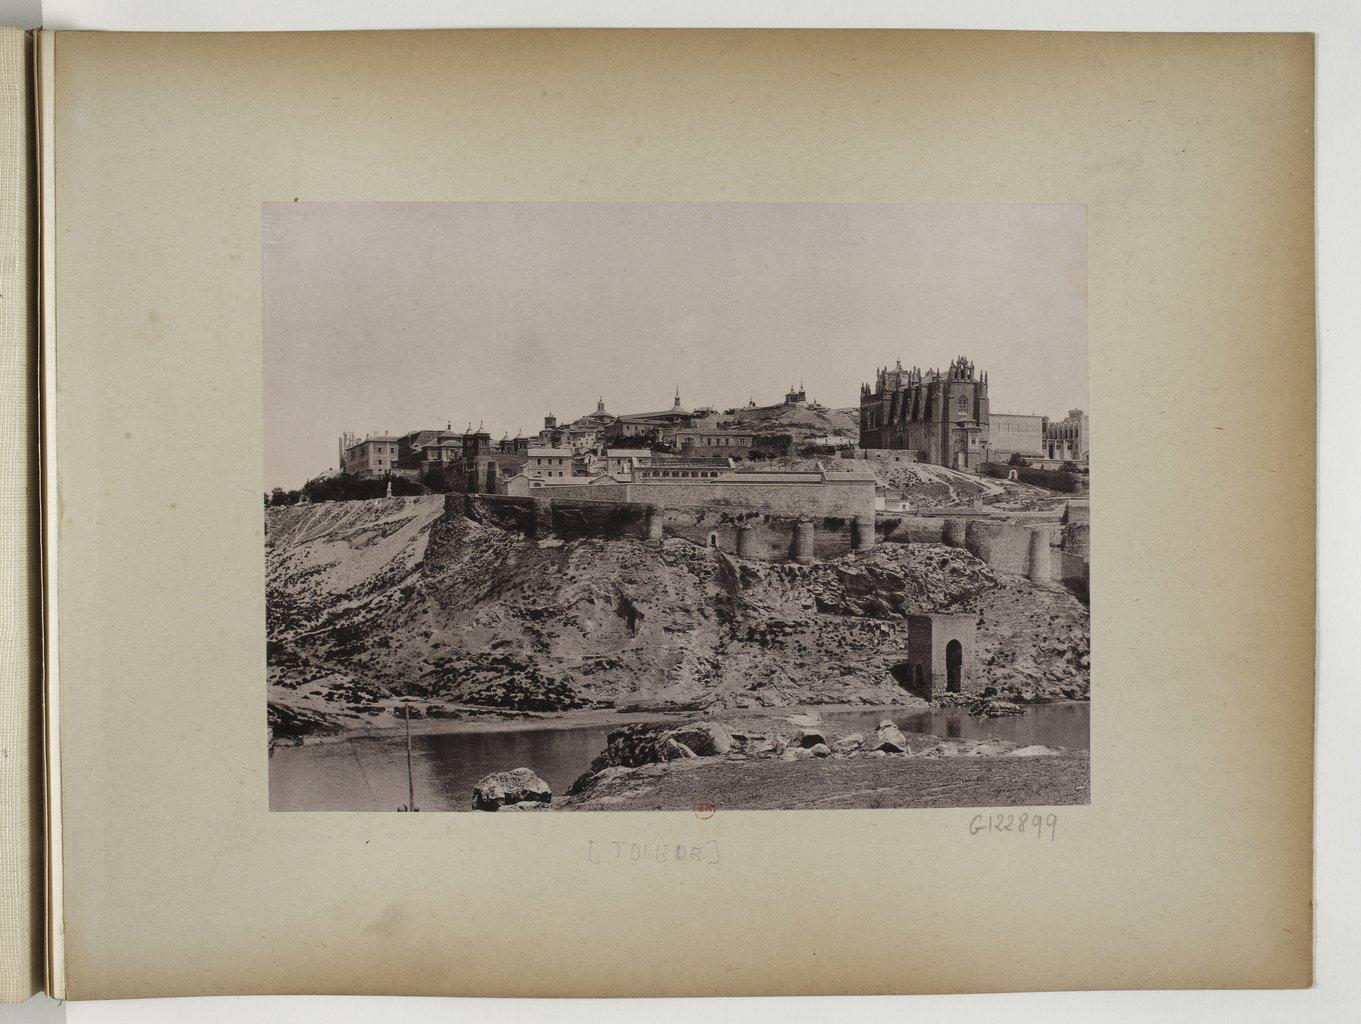 Toledo visto desde el barrio de Solanilla-Olivilla hacia 1897. Fotografía de Rafael Garzón.  Bibliothèque Nationale de France